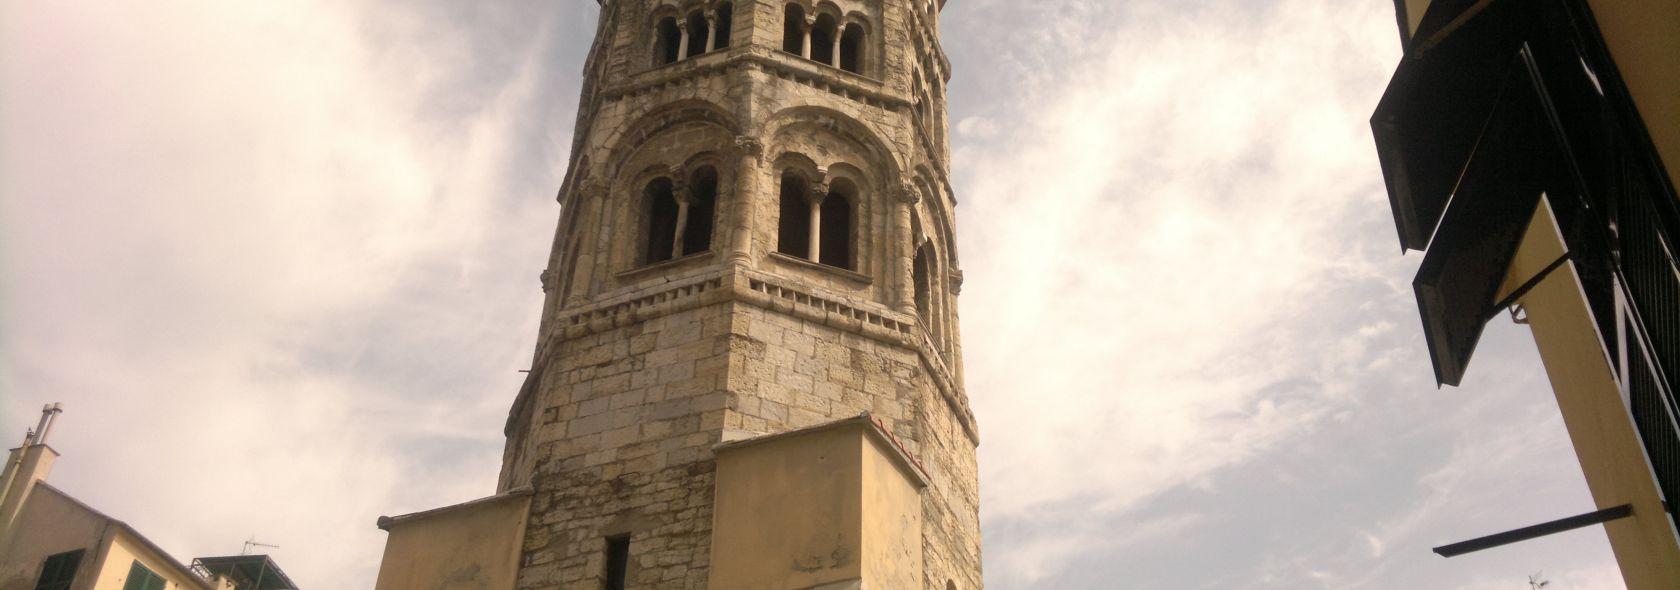 Il campanile della chiesa di San Donato